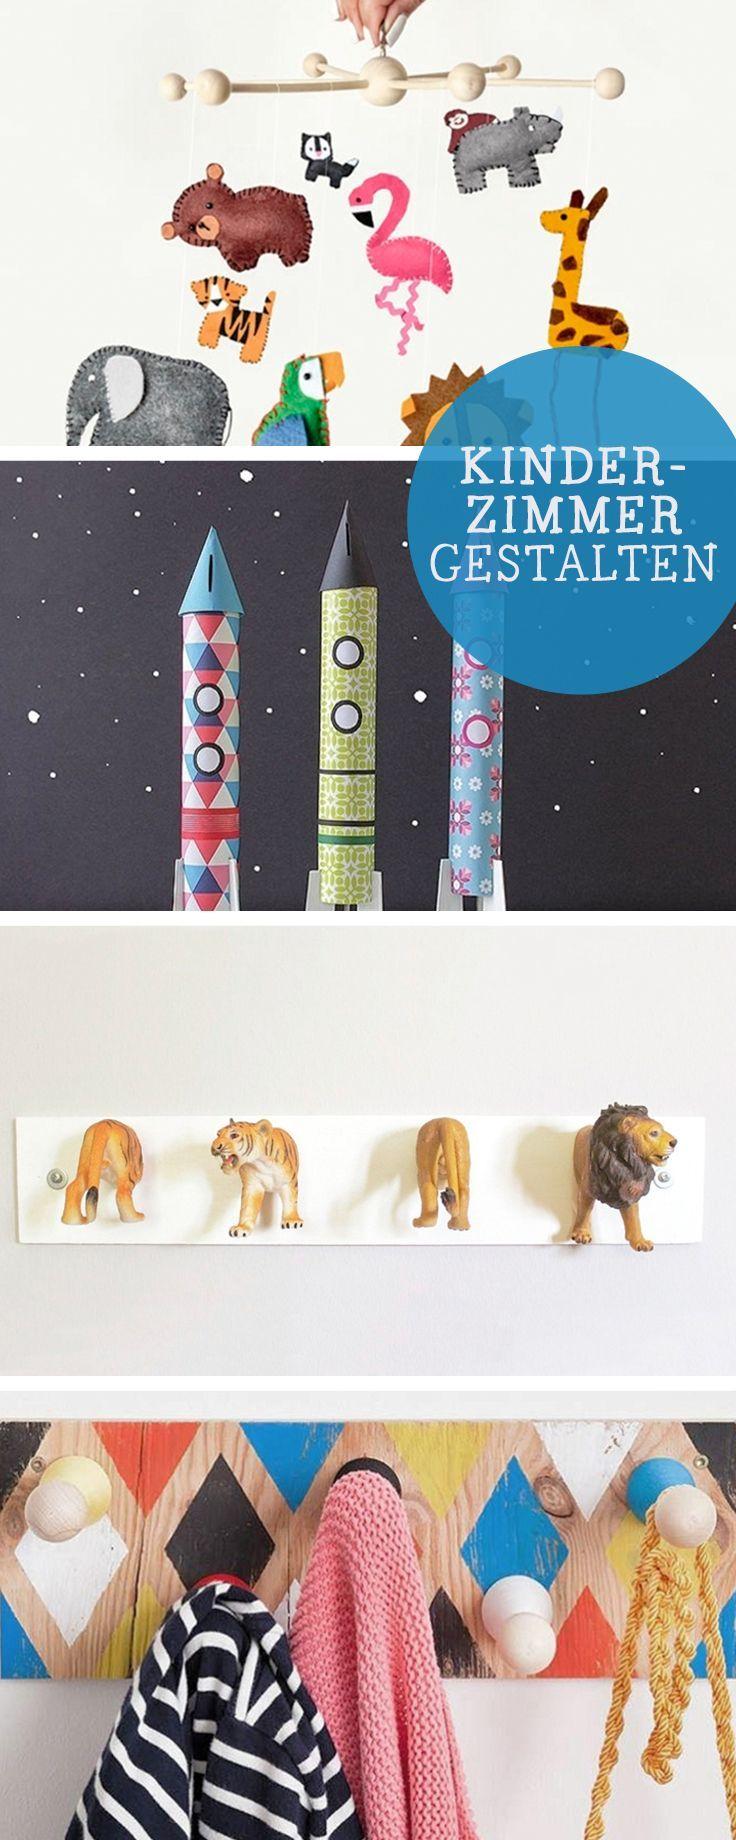 Kinderzimmer wandgestaltung mädchen vorlagen  133 best Kinderzimmer gestalten images on Pinterest | Child room ...